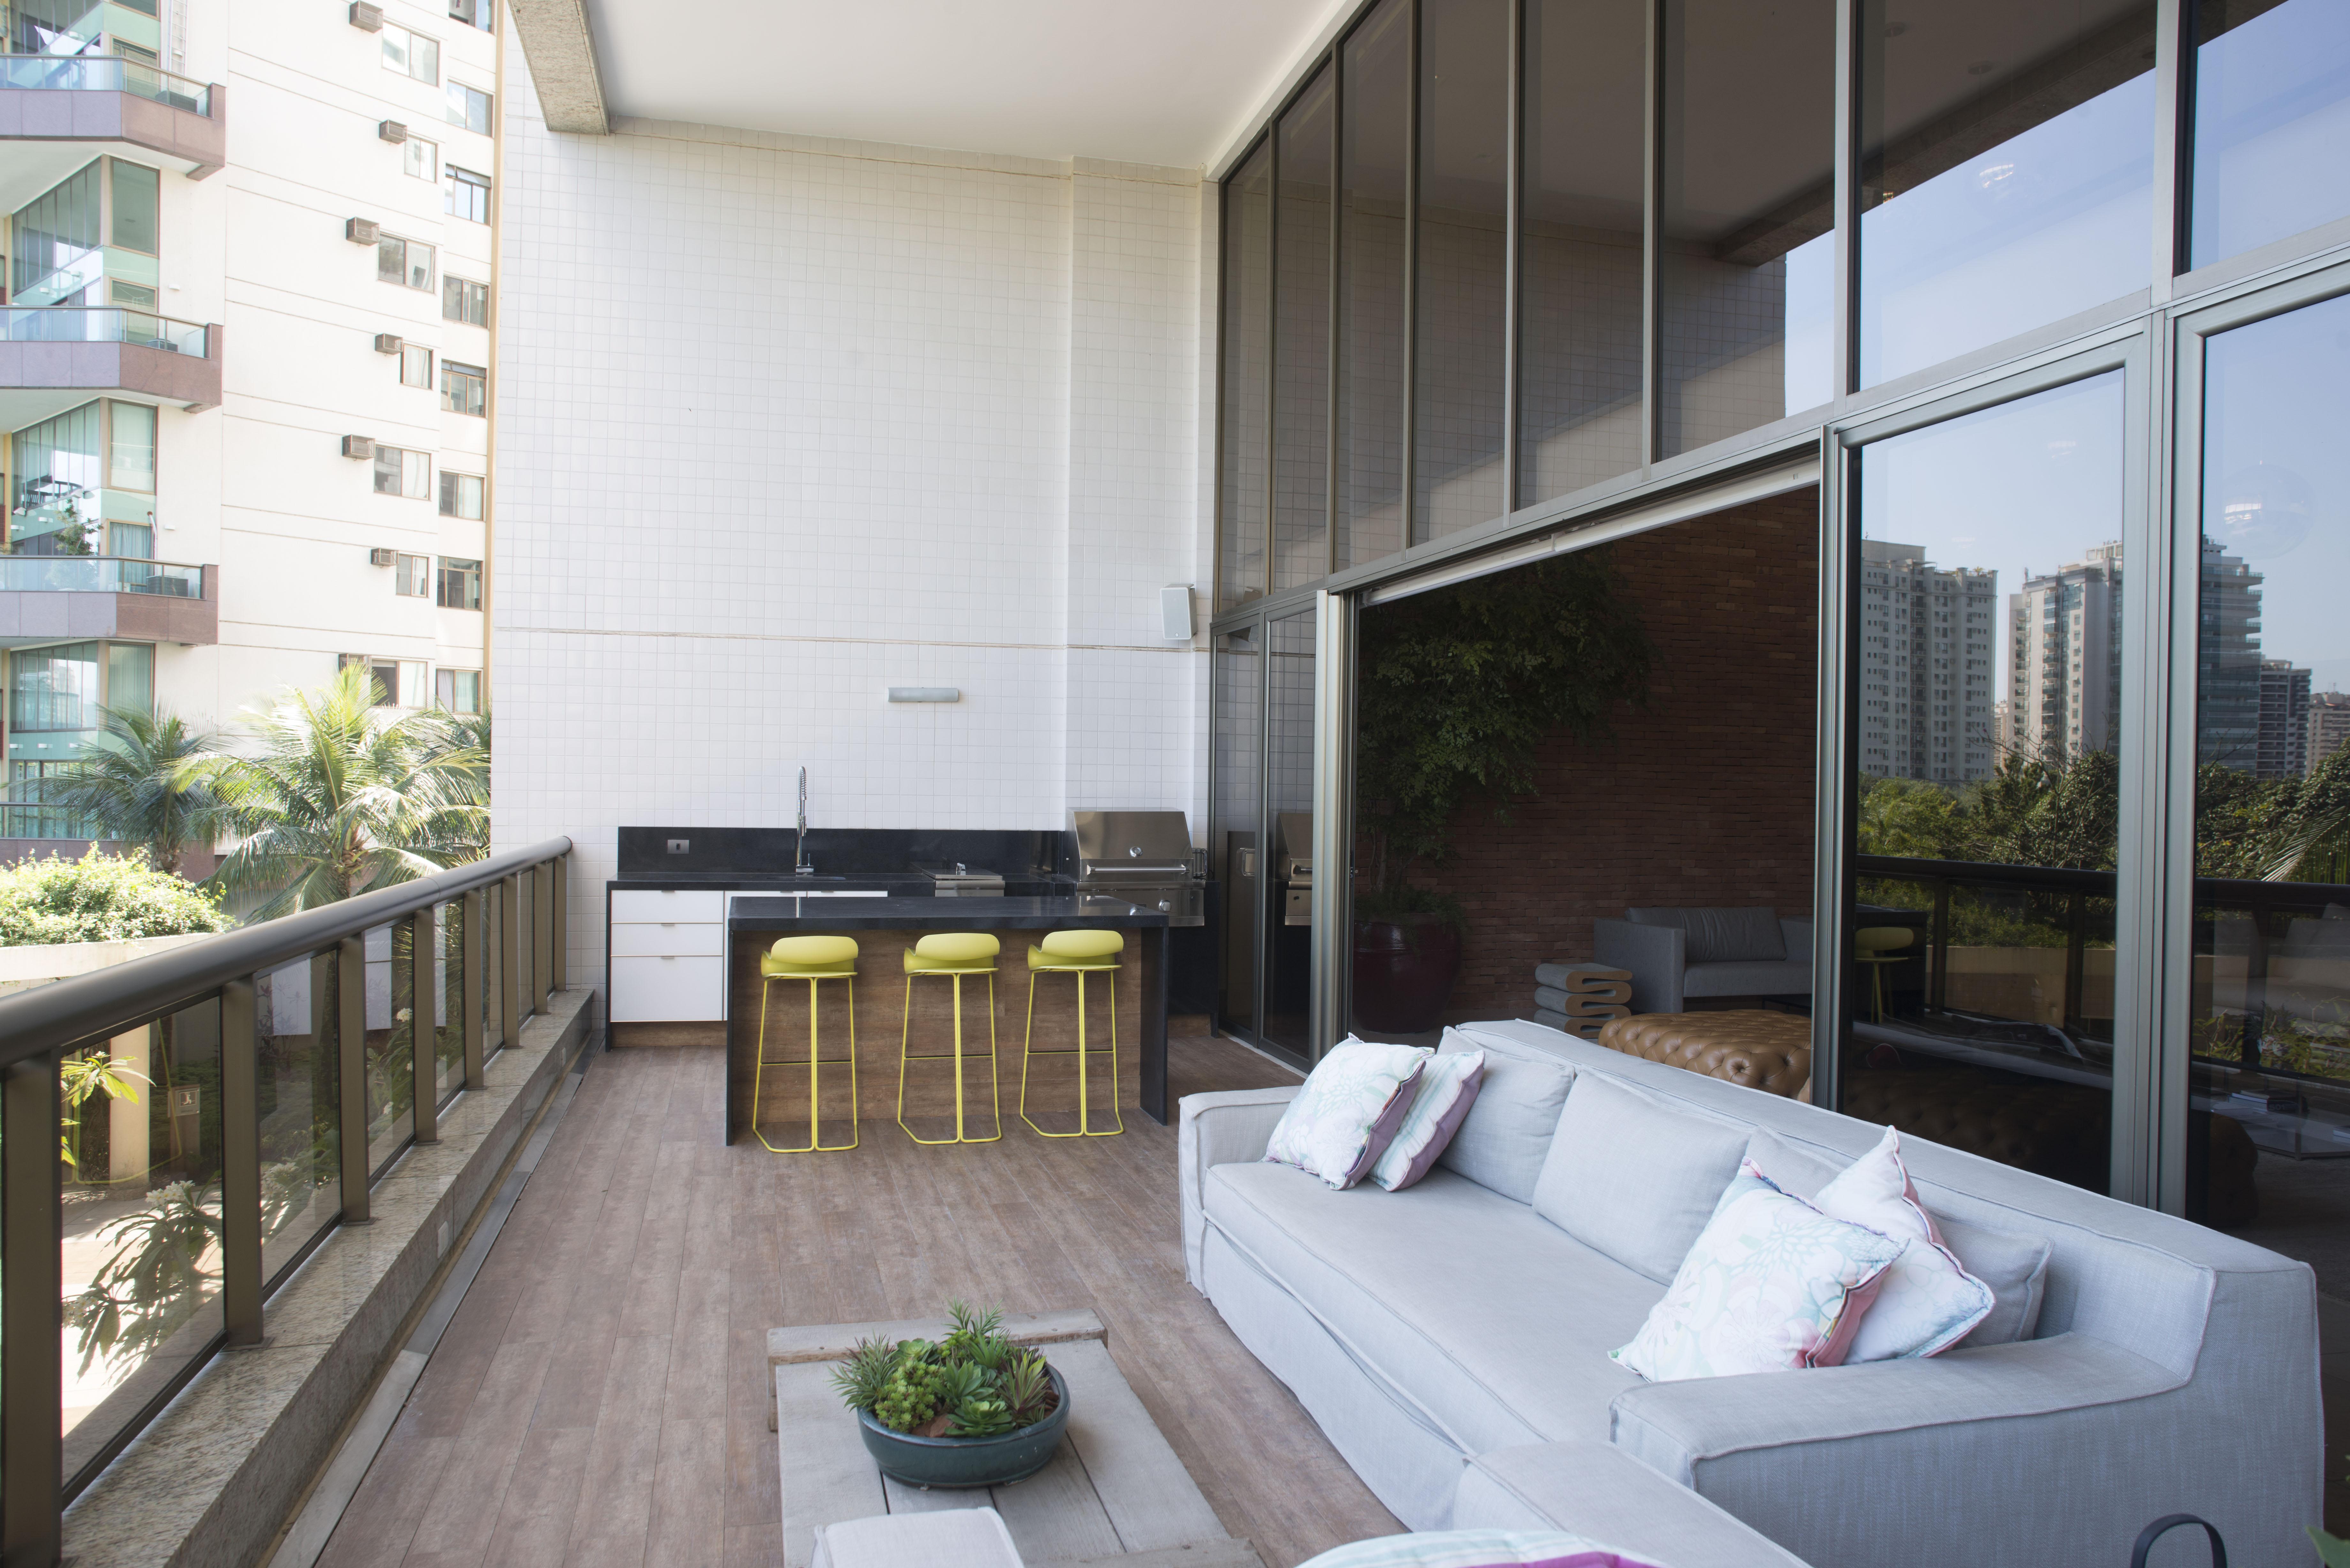 Частный односемейный дом для того Продажа на Duplex Apartment Avenida dos Flamboyants da Península Rio De Janeiro, Рио-Де-Жанейро, 22776070 Бразилия